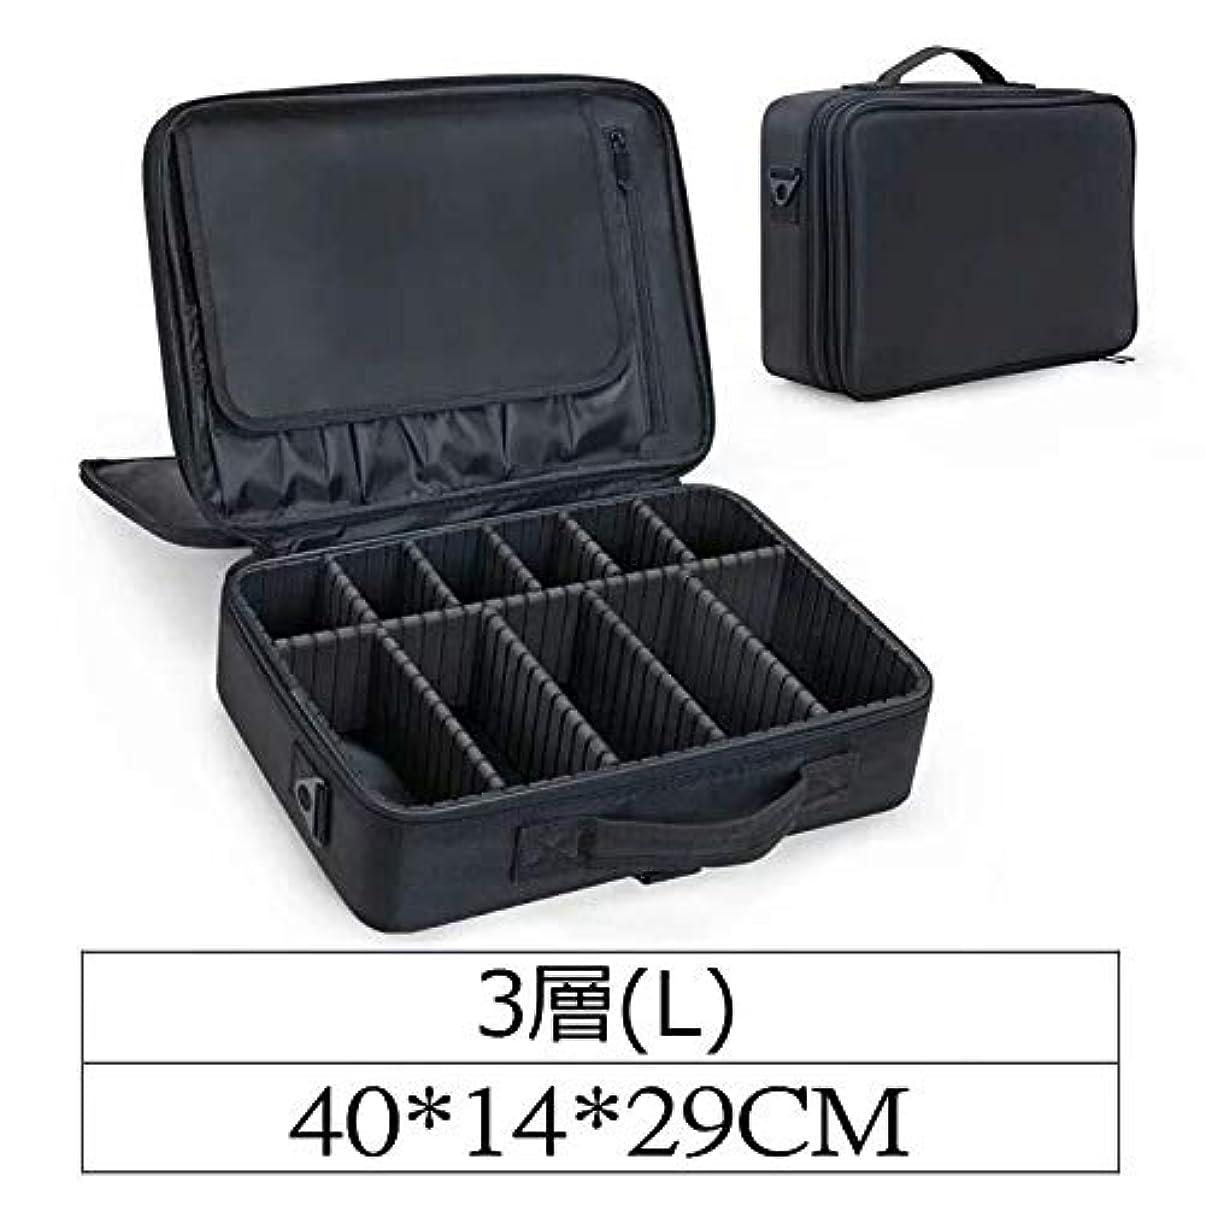 ピカリングシリンダー廃止するWE DO メイクボックス プロ用 多機能 化粧ポーチ 高品質3層化粧箱 收納抜群 大容量 スーツケース?トラベルバッグ ブラック(L-40×29×14cm)